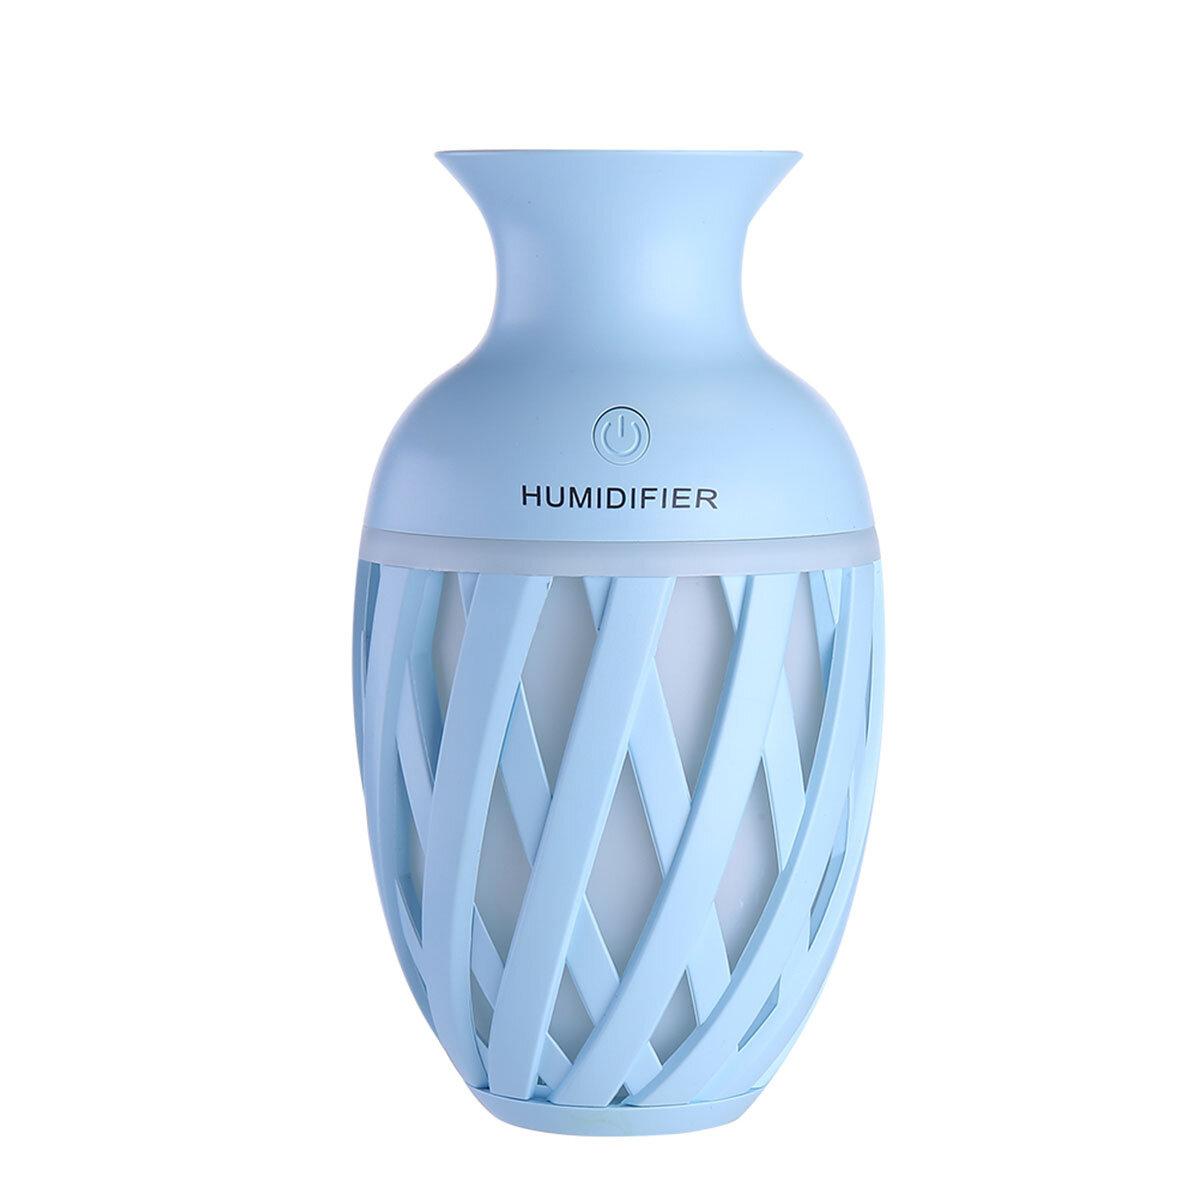 Florero ultrasónico fresco niebla fabricante humidificador nebulizador purificador de aire de luz nocturna para el dormitorio bebé regalo de cumpleaños